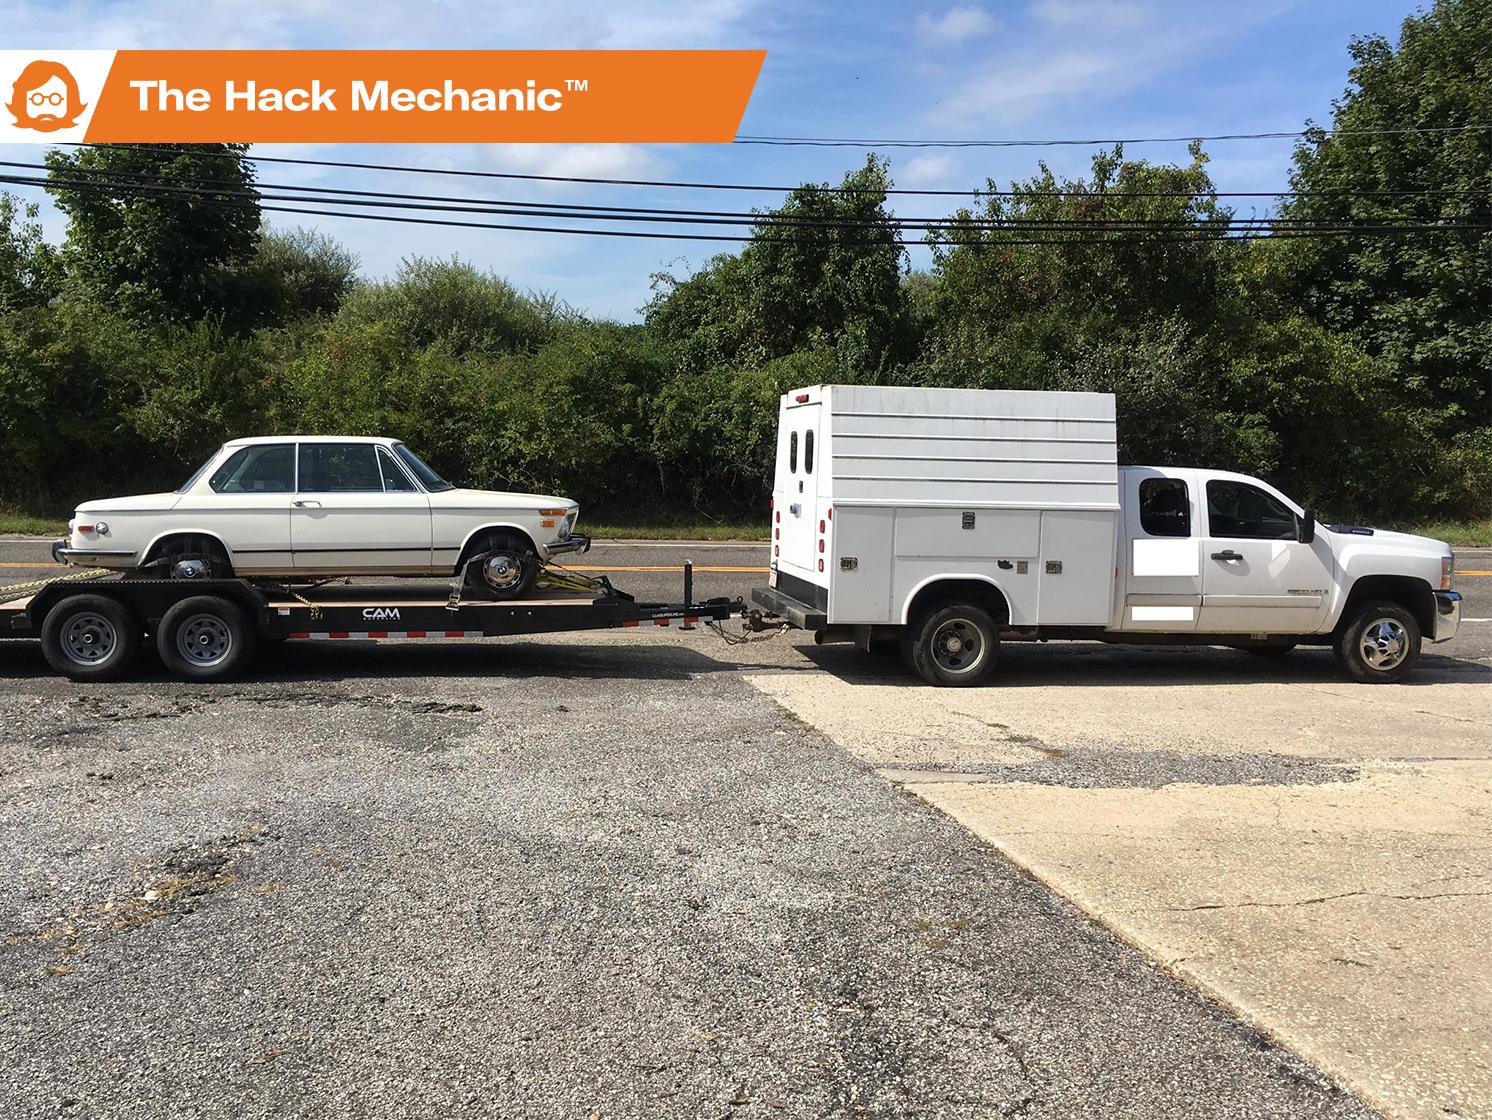 Hack_Mech_Risk_Reward_Lede